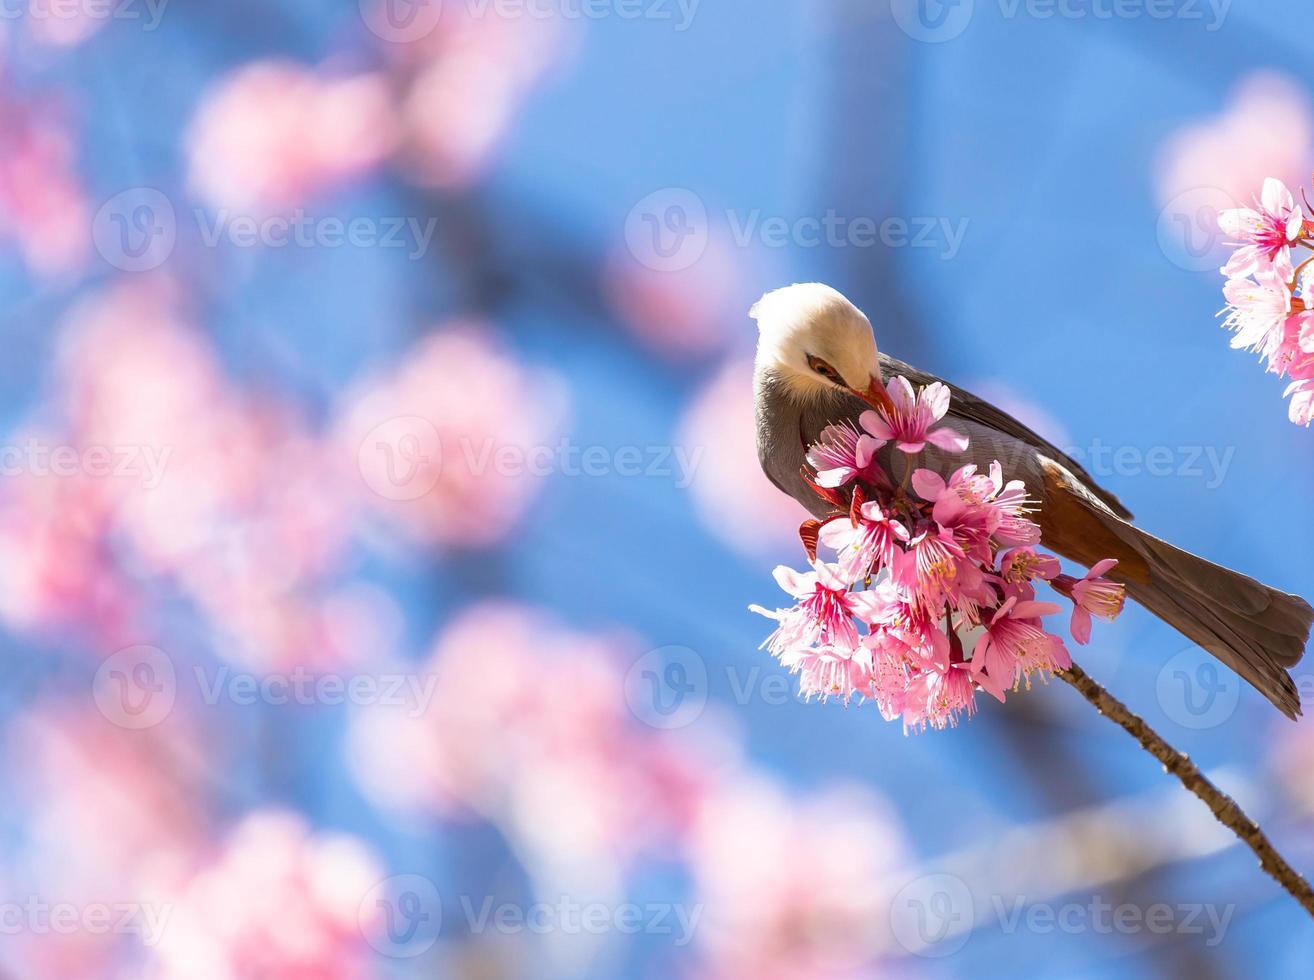 weißköpfiger Bulbulvogel auf Zweig Sakura foto